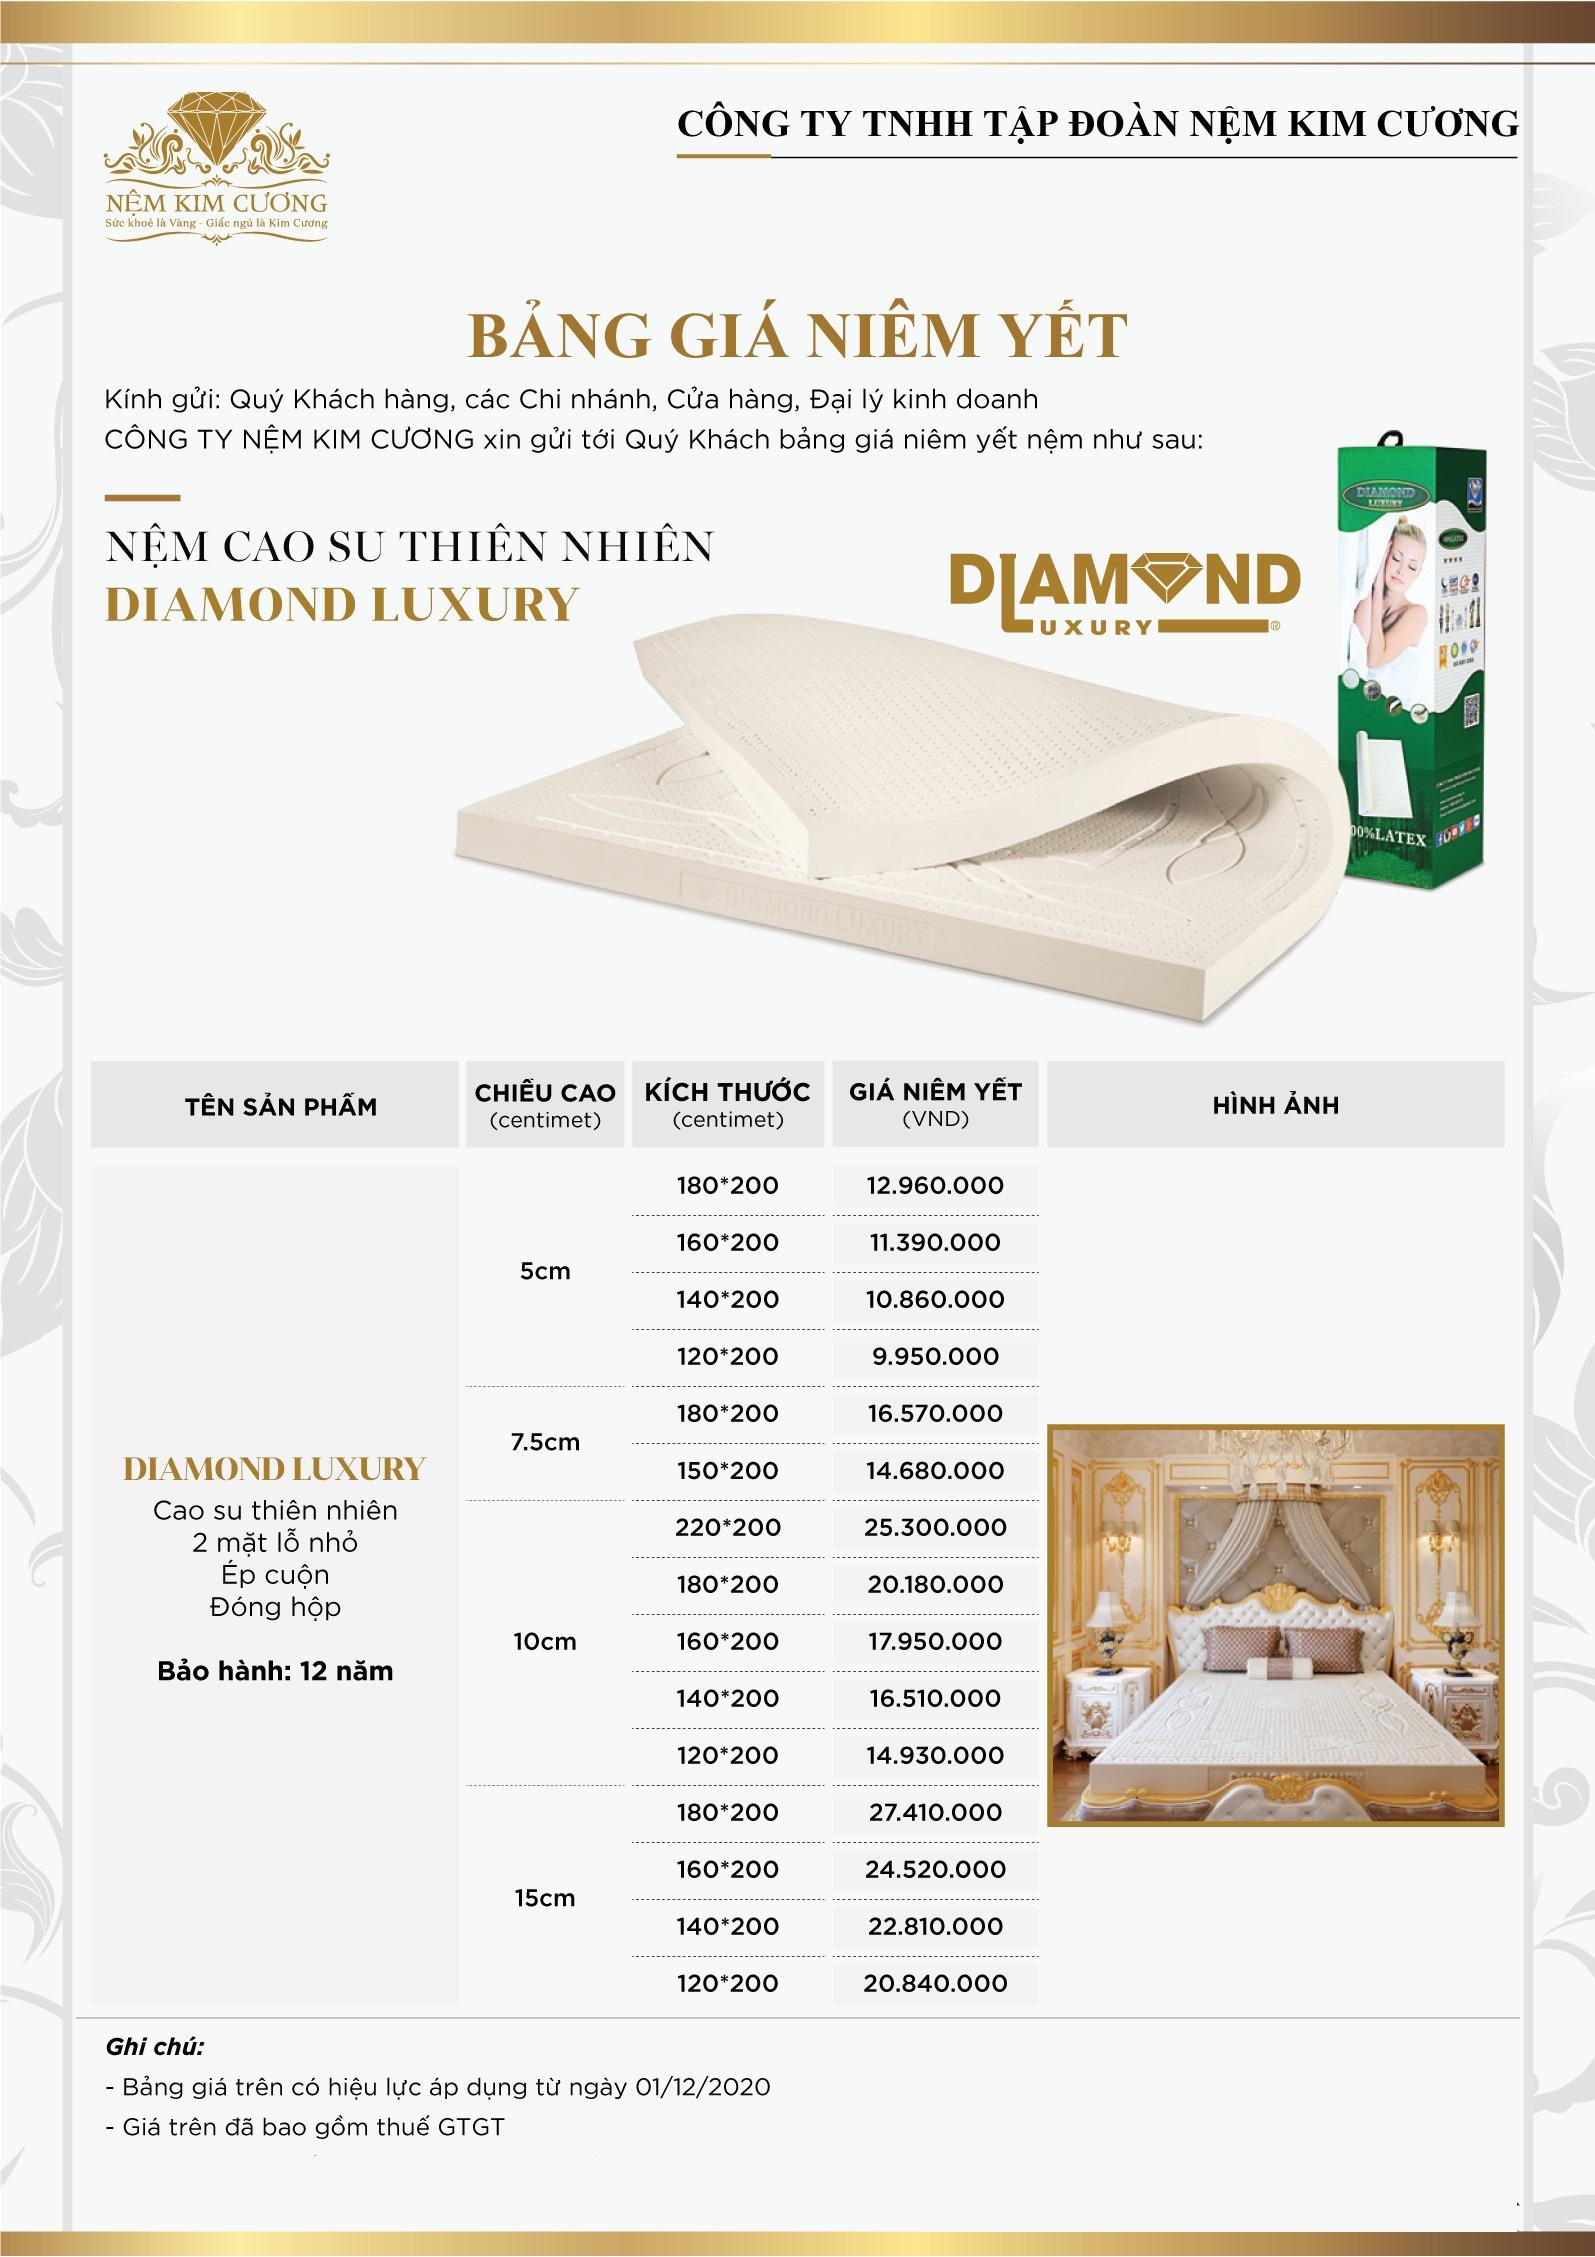 DIAMOND_LUXURY_01.12.20